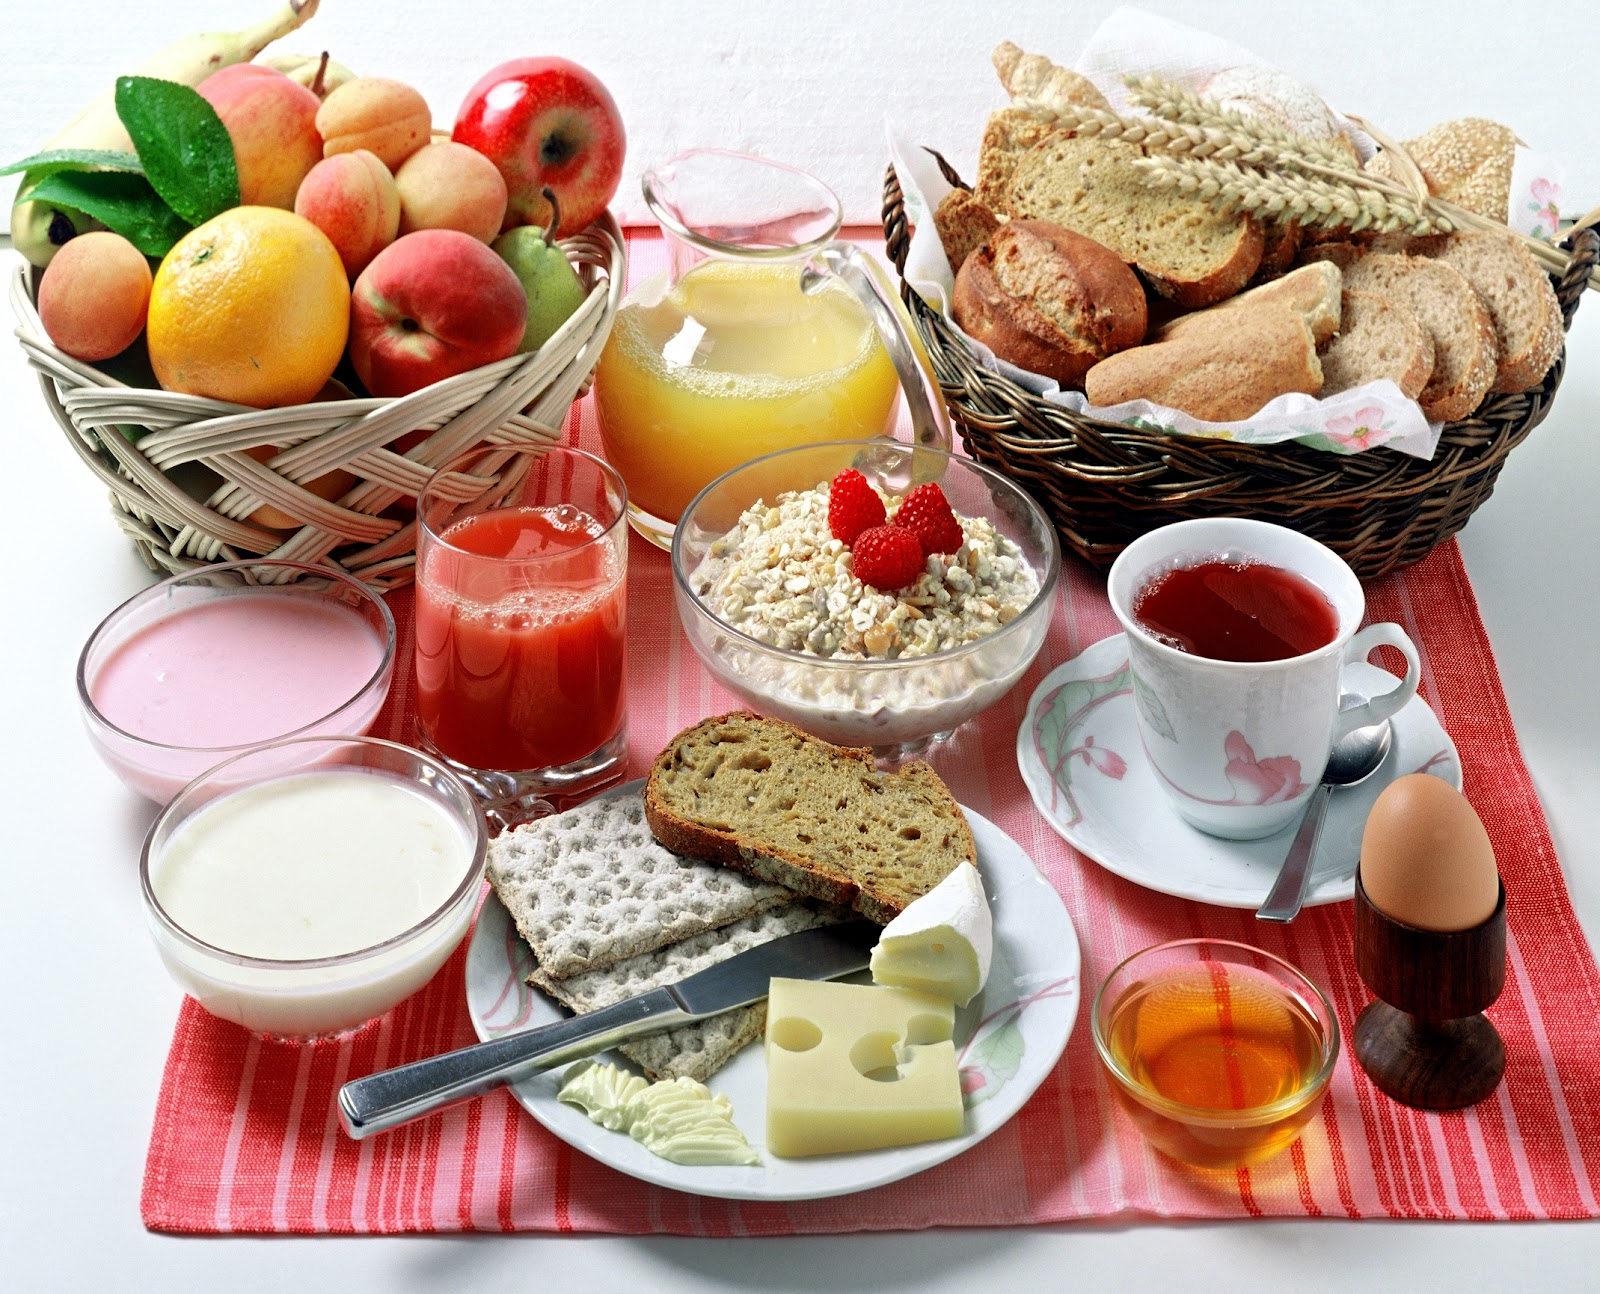 LUCRECIA YA ES INVITADA AL DESAYUNO. Desayuno